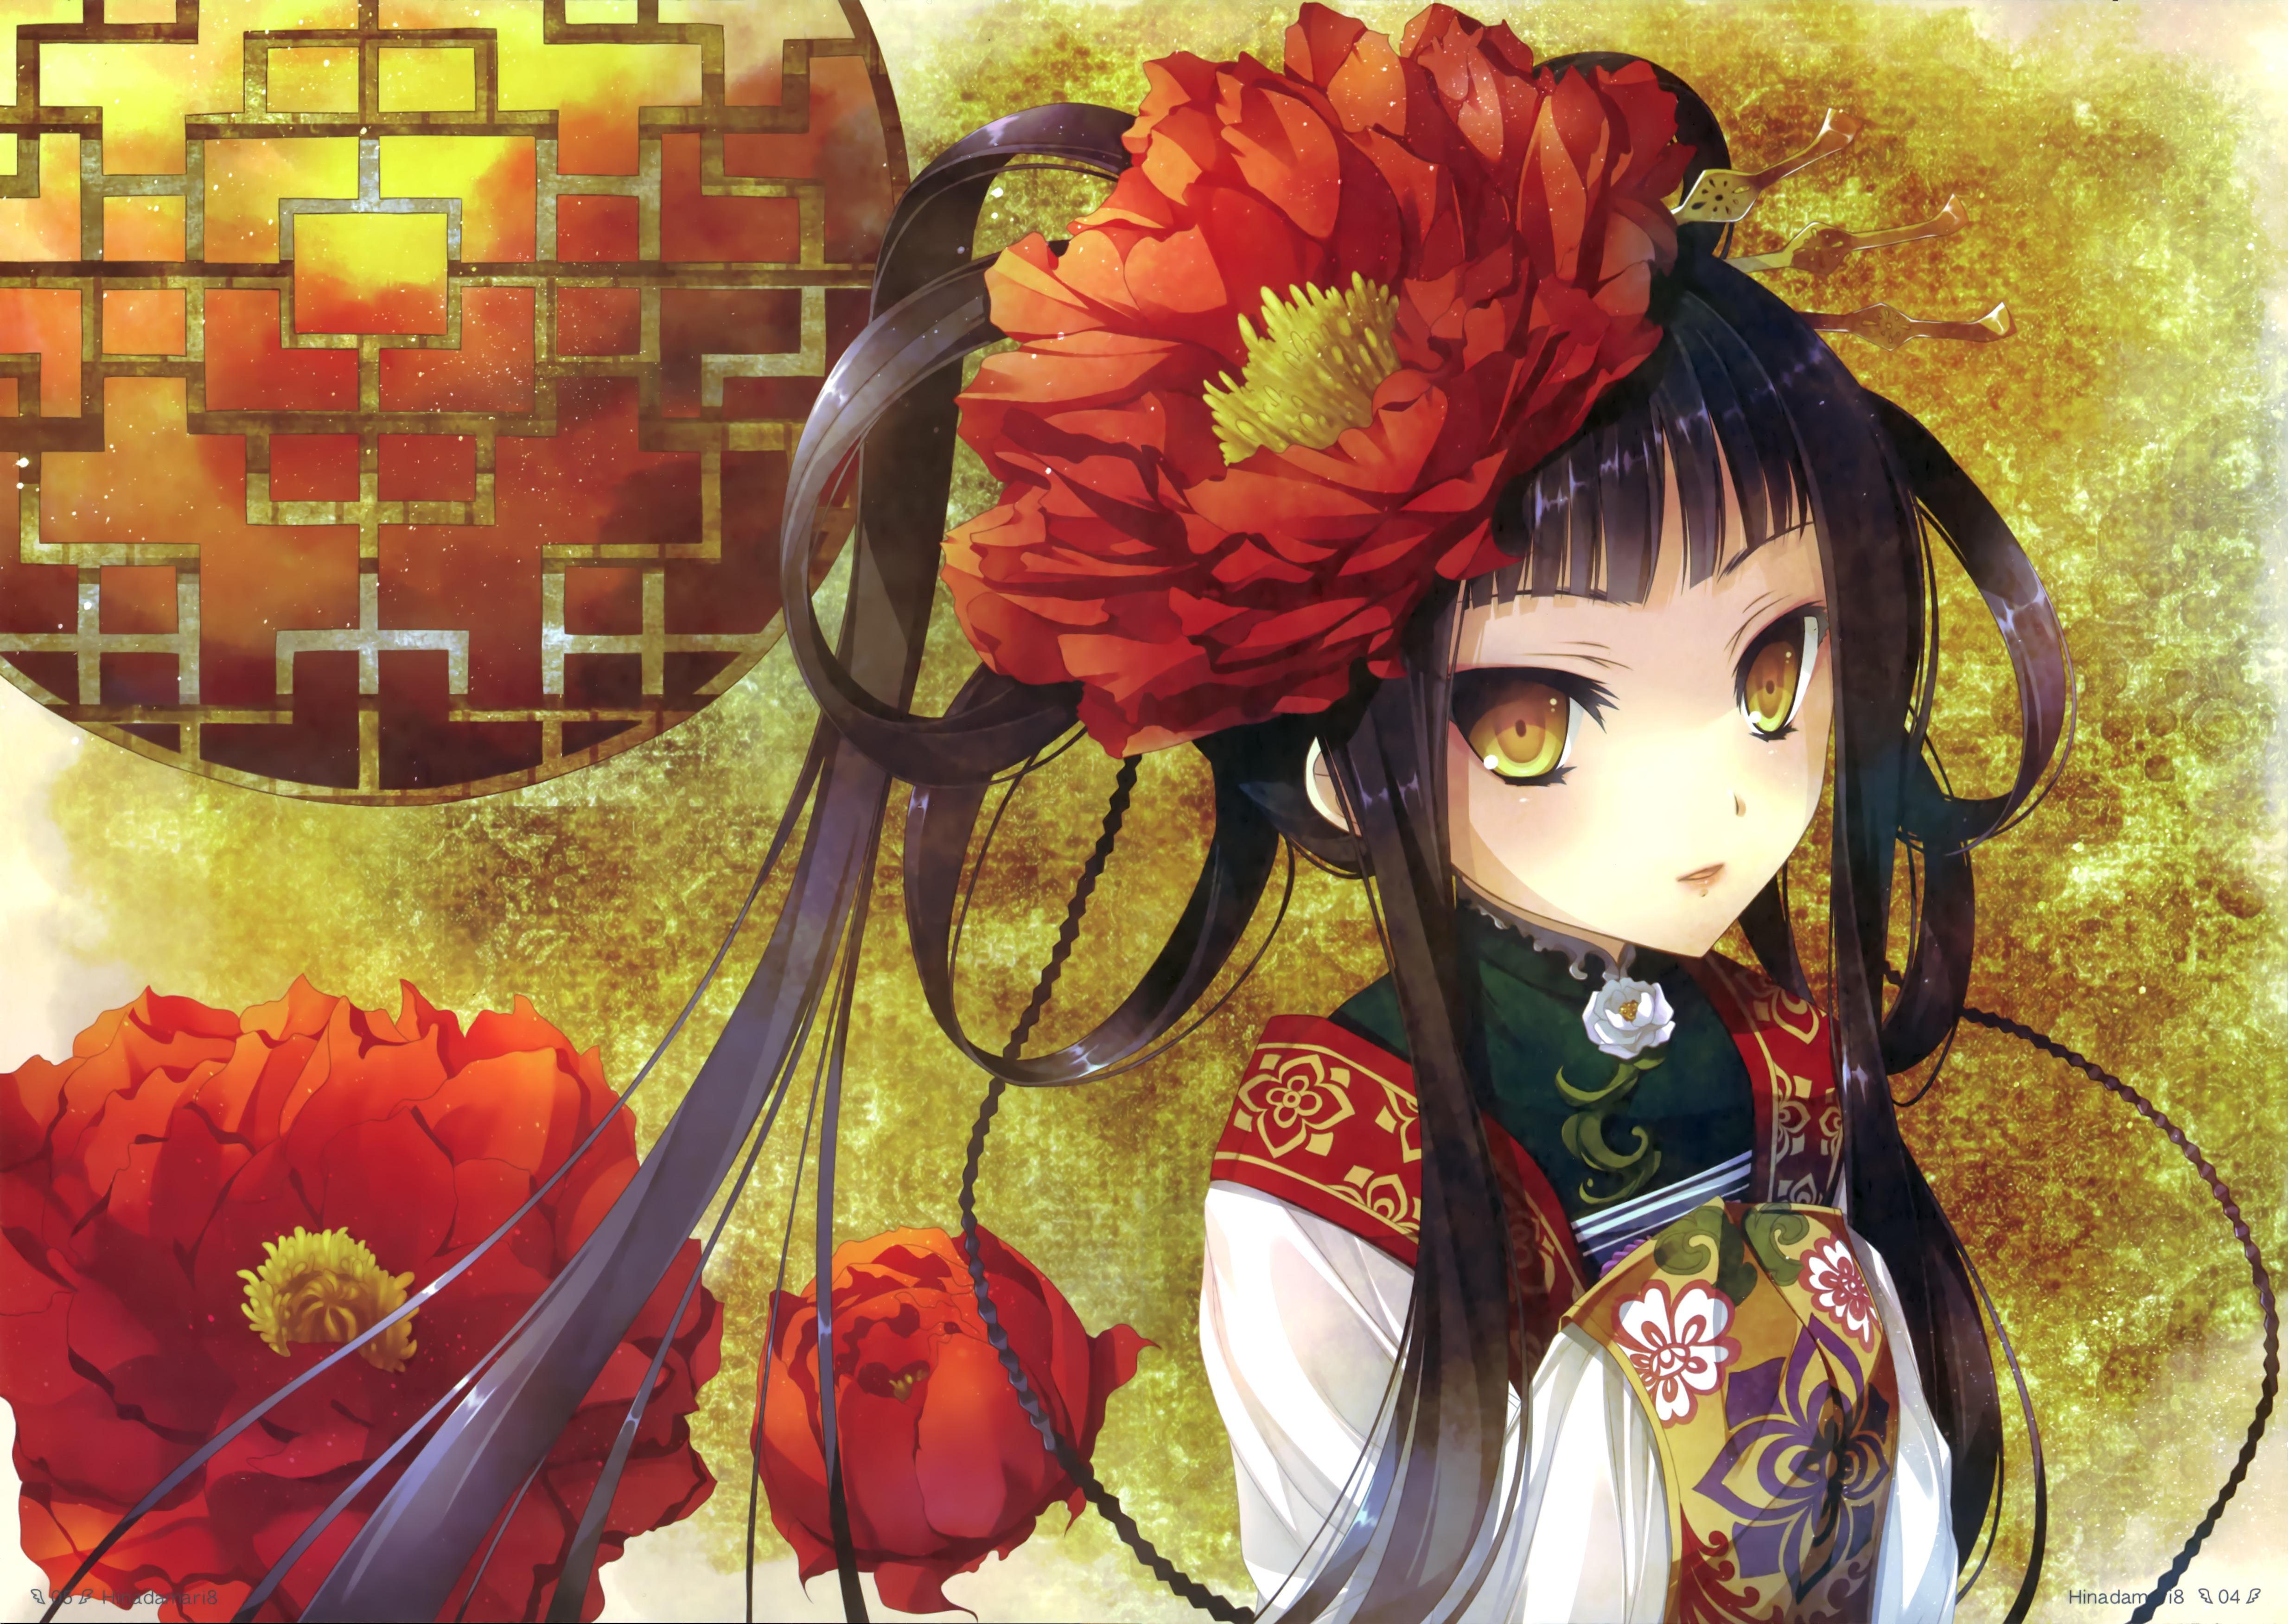 HDoboi.Kiev.ua - Katagiri hinata anime girl, классные аниме обои